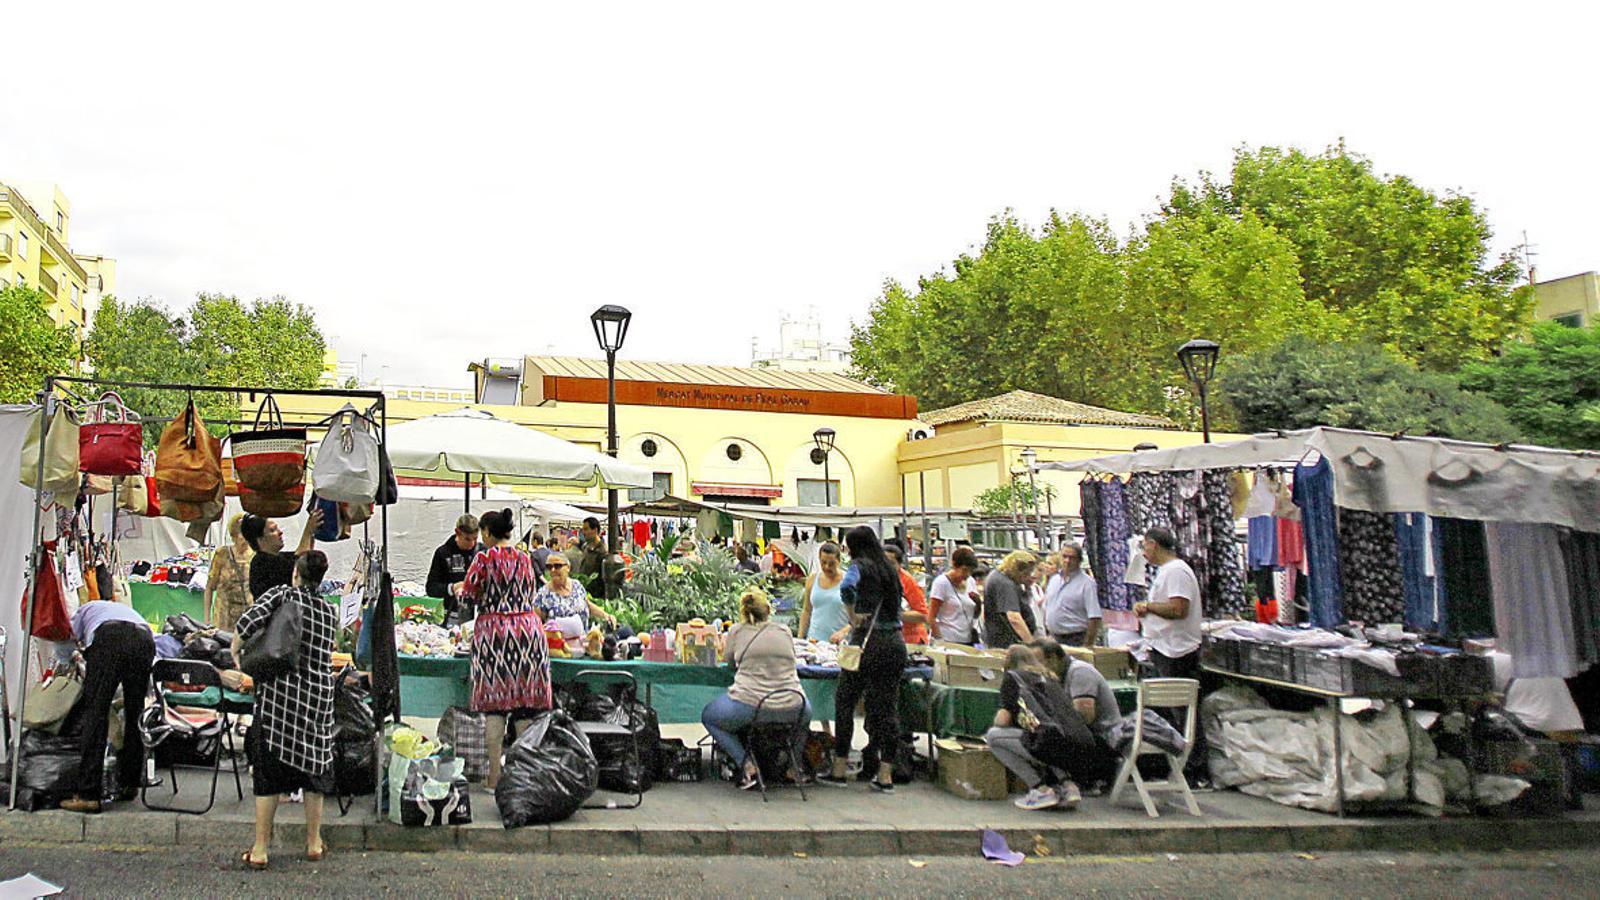 Tres pics per setmana, la plaça del mercat s'omple de paradetes amb roba i productes alimentaris de pagesos d'arreu de l'illa.